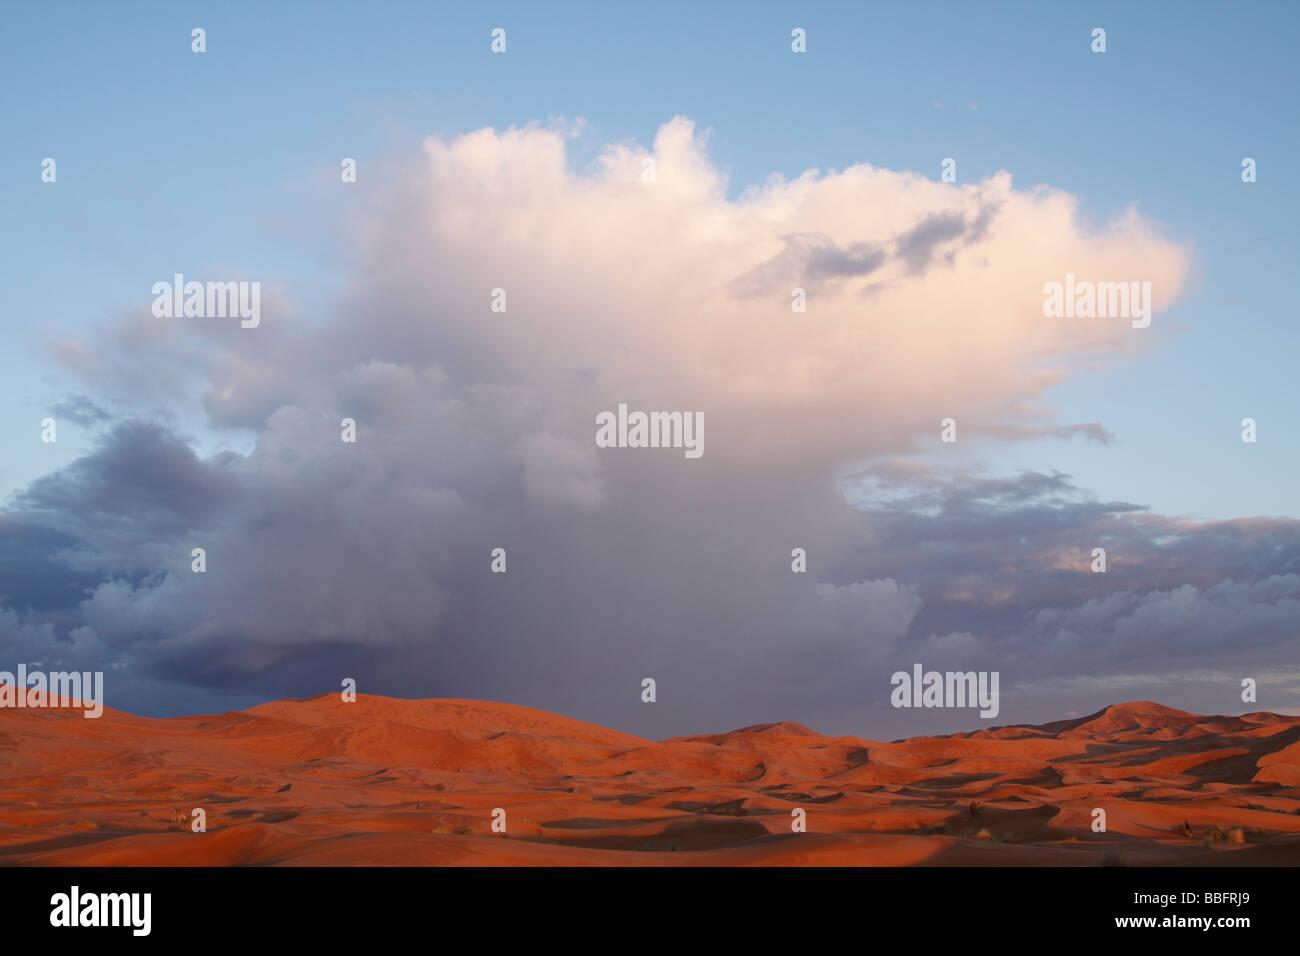 Afrique, Afrique du Nord, Maroc, Sahara, Merzouga, Erg Chebbi, nuages de pluie Banque D'Images